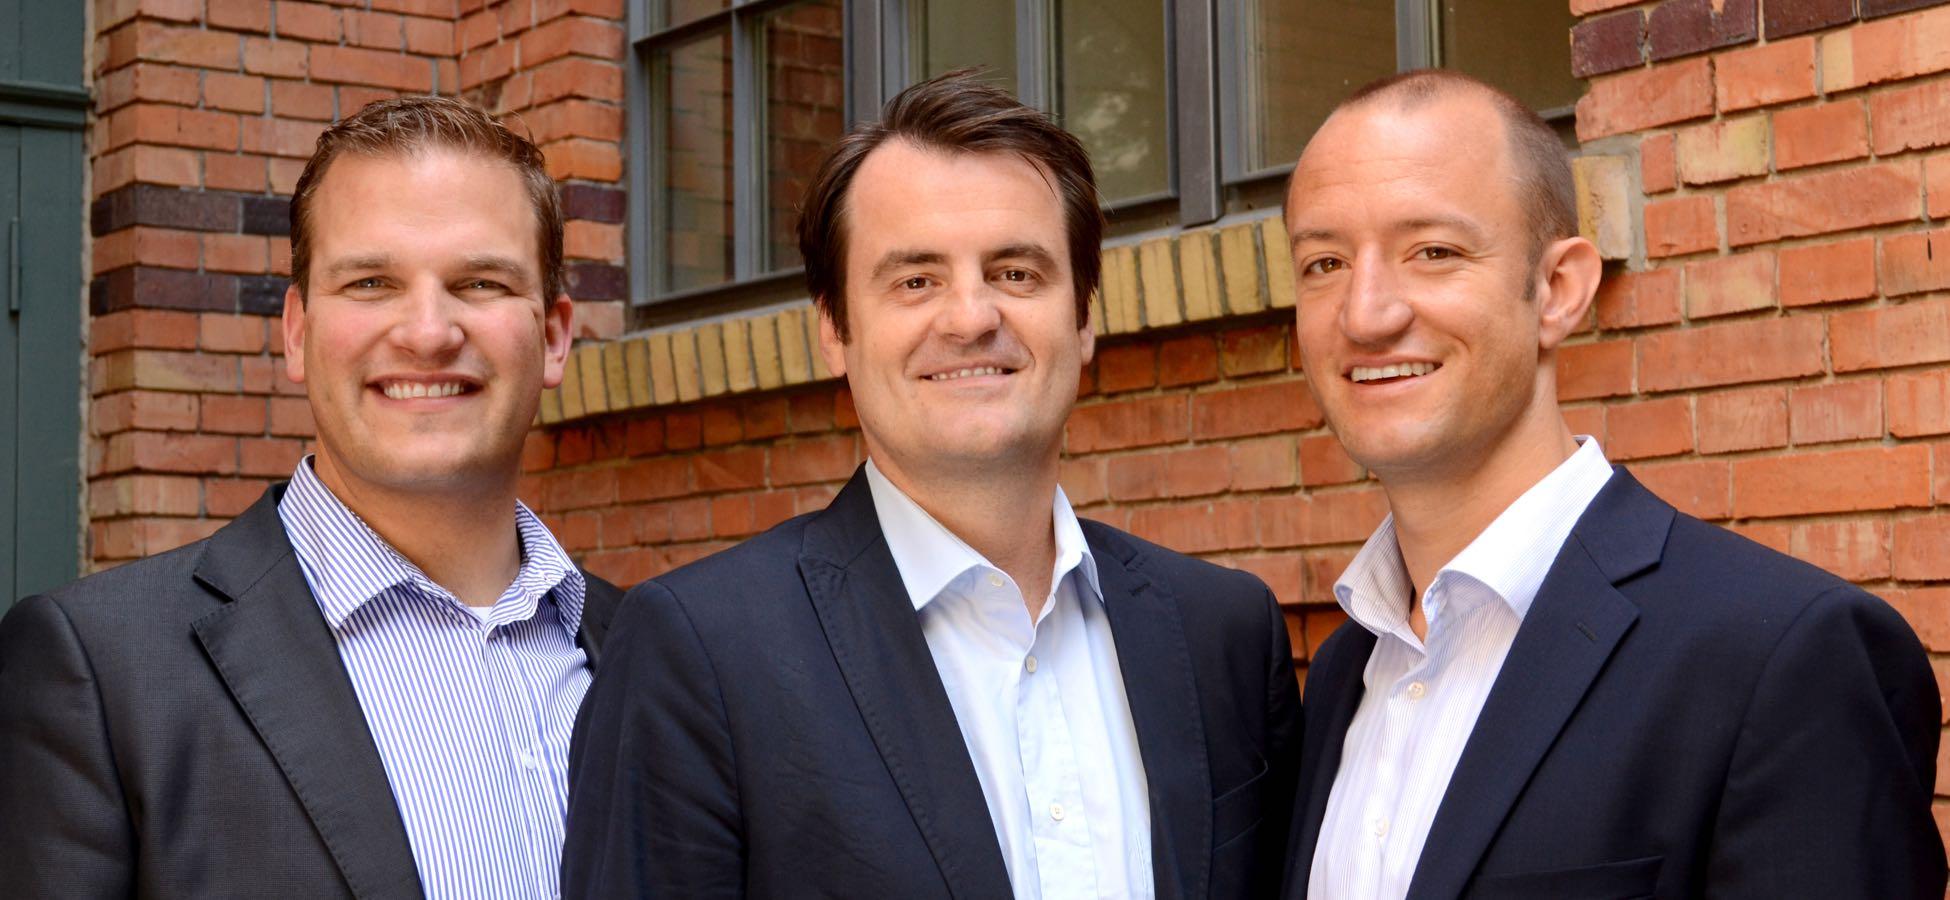 etventure Geschäftführer - Philipp Depiereux, Christian Lüdtke, Philipp Herrmann